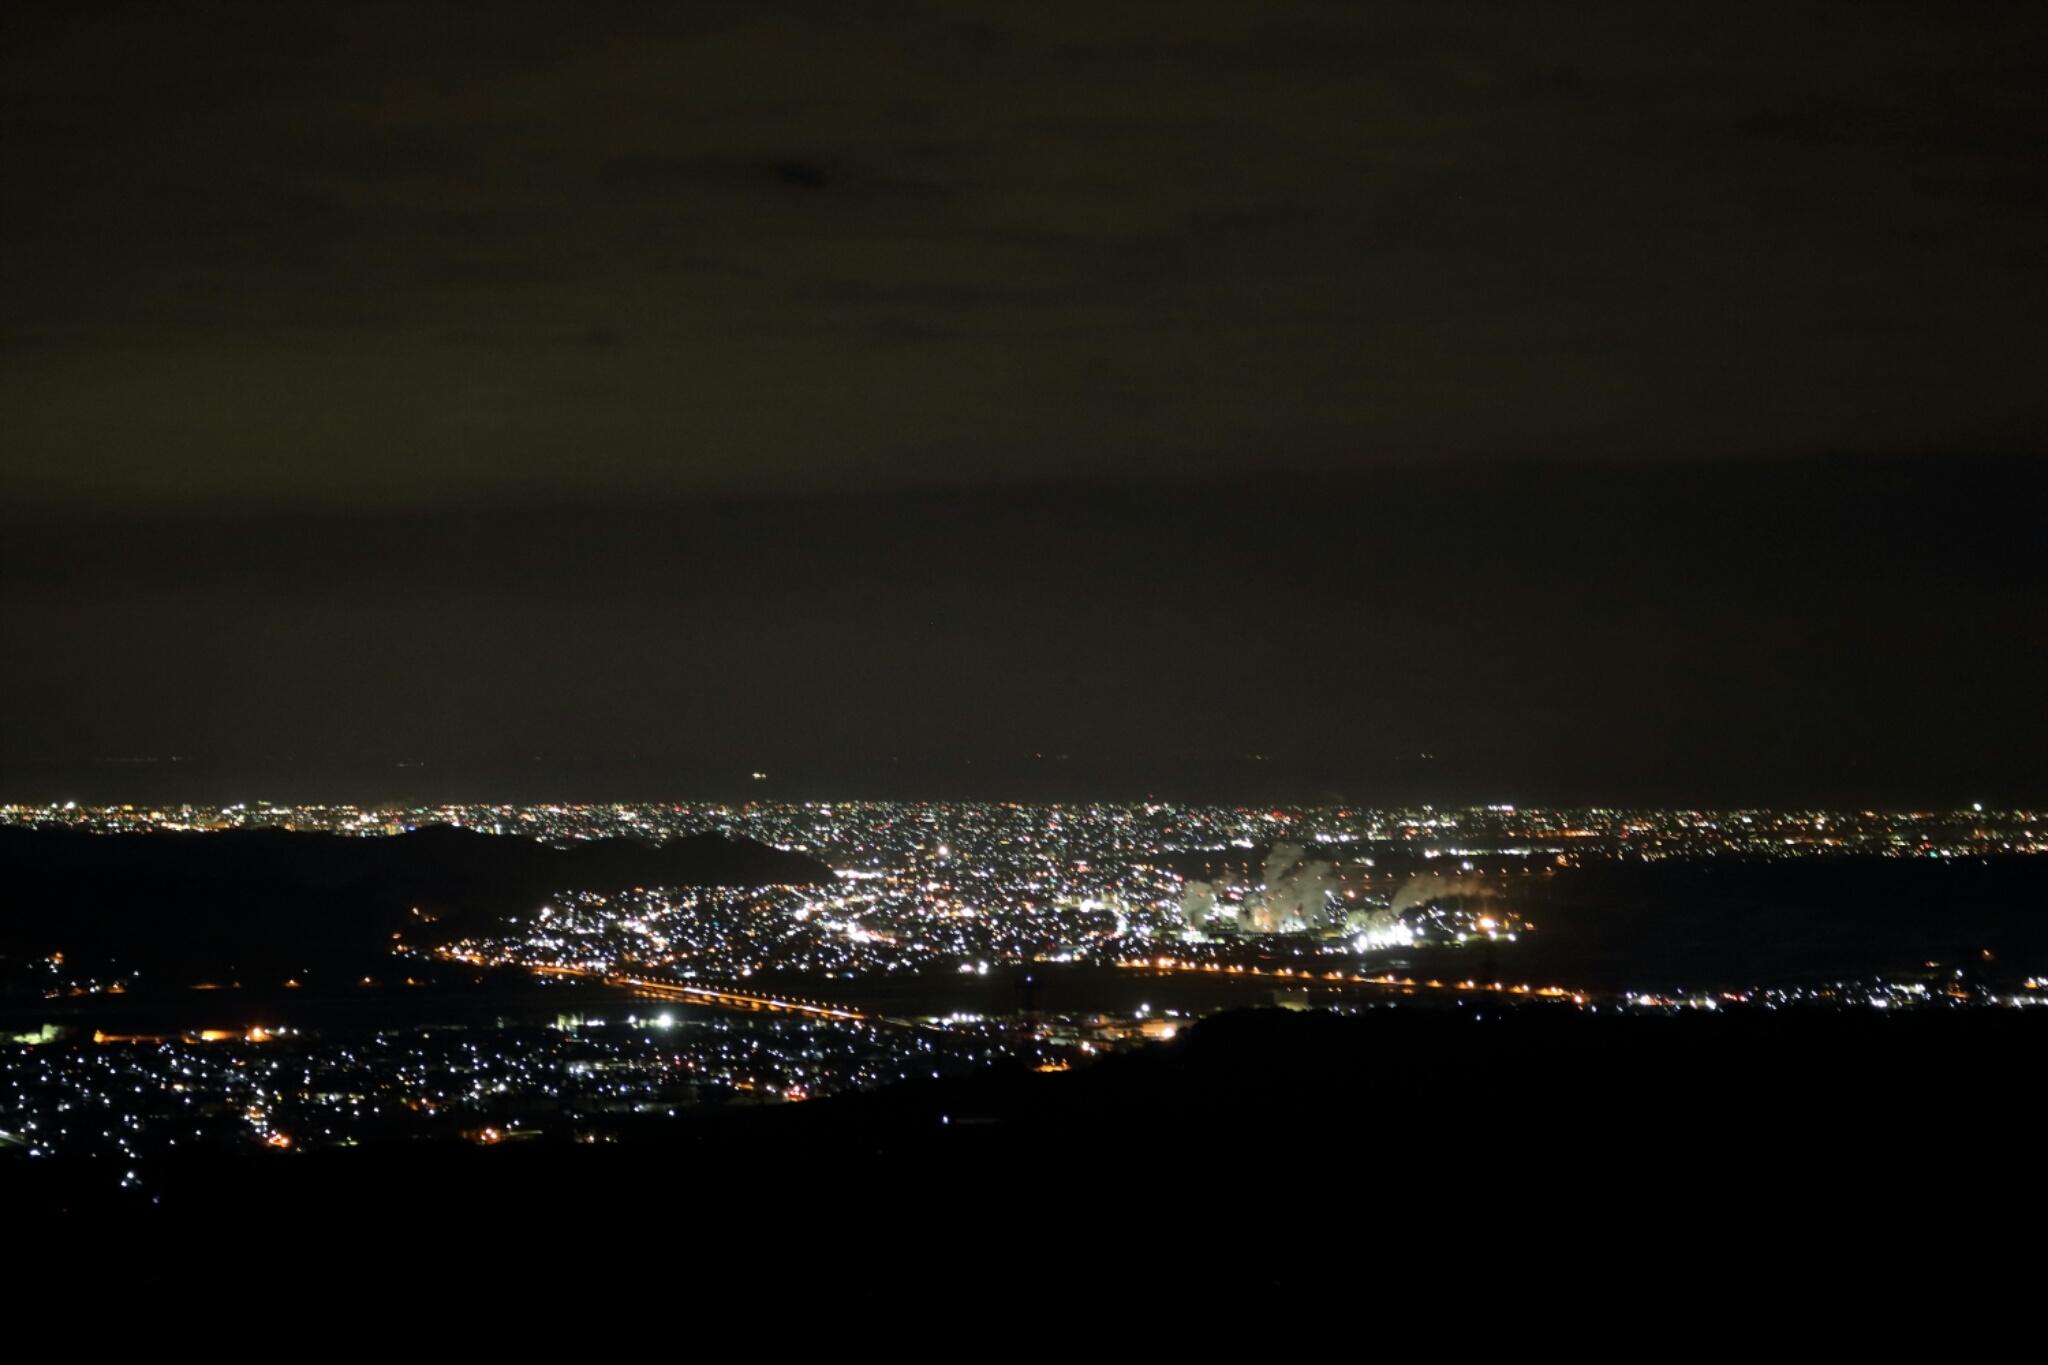 【掛川市】粟ヶ岳山頂からの夜景のすゝめ[祝かっぽしテラス完成!]